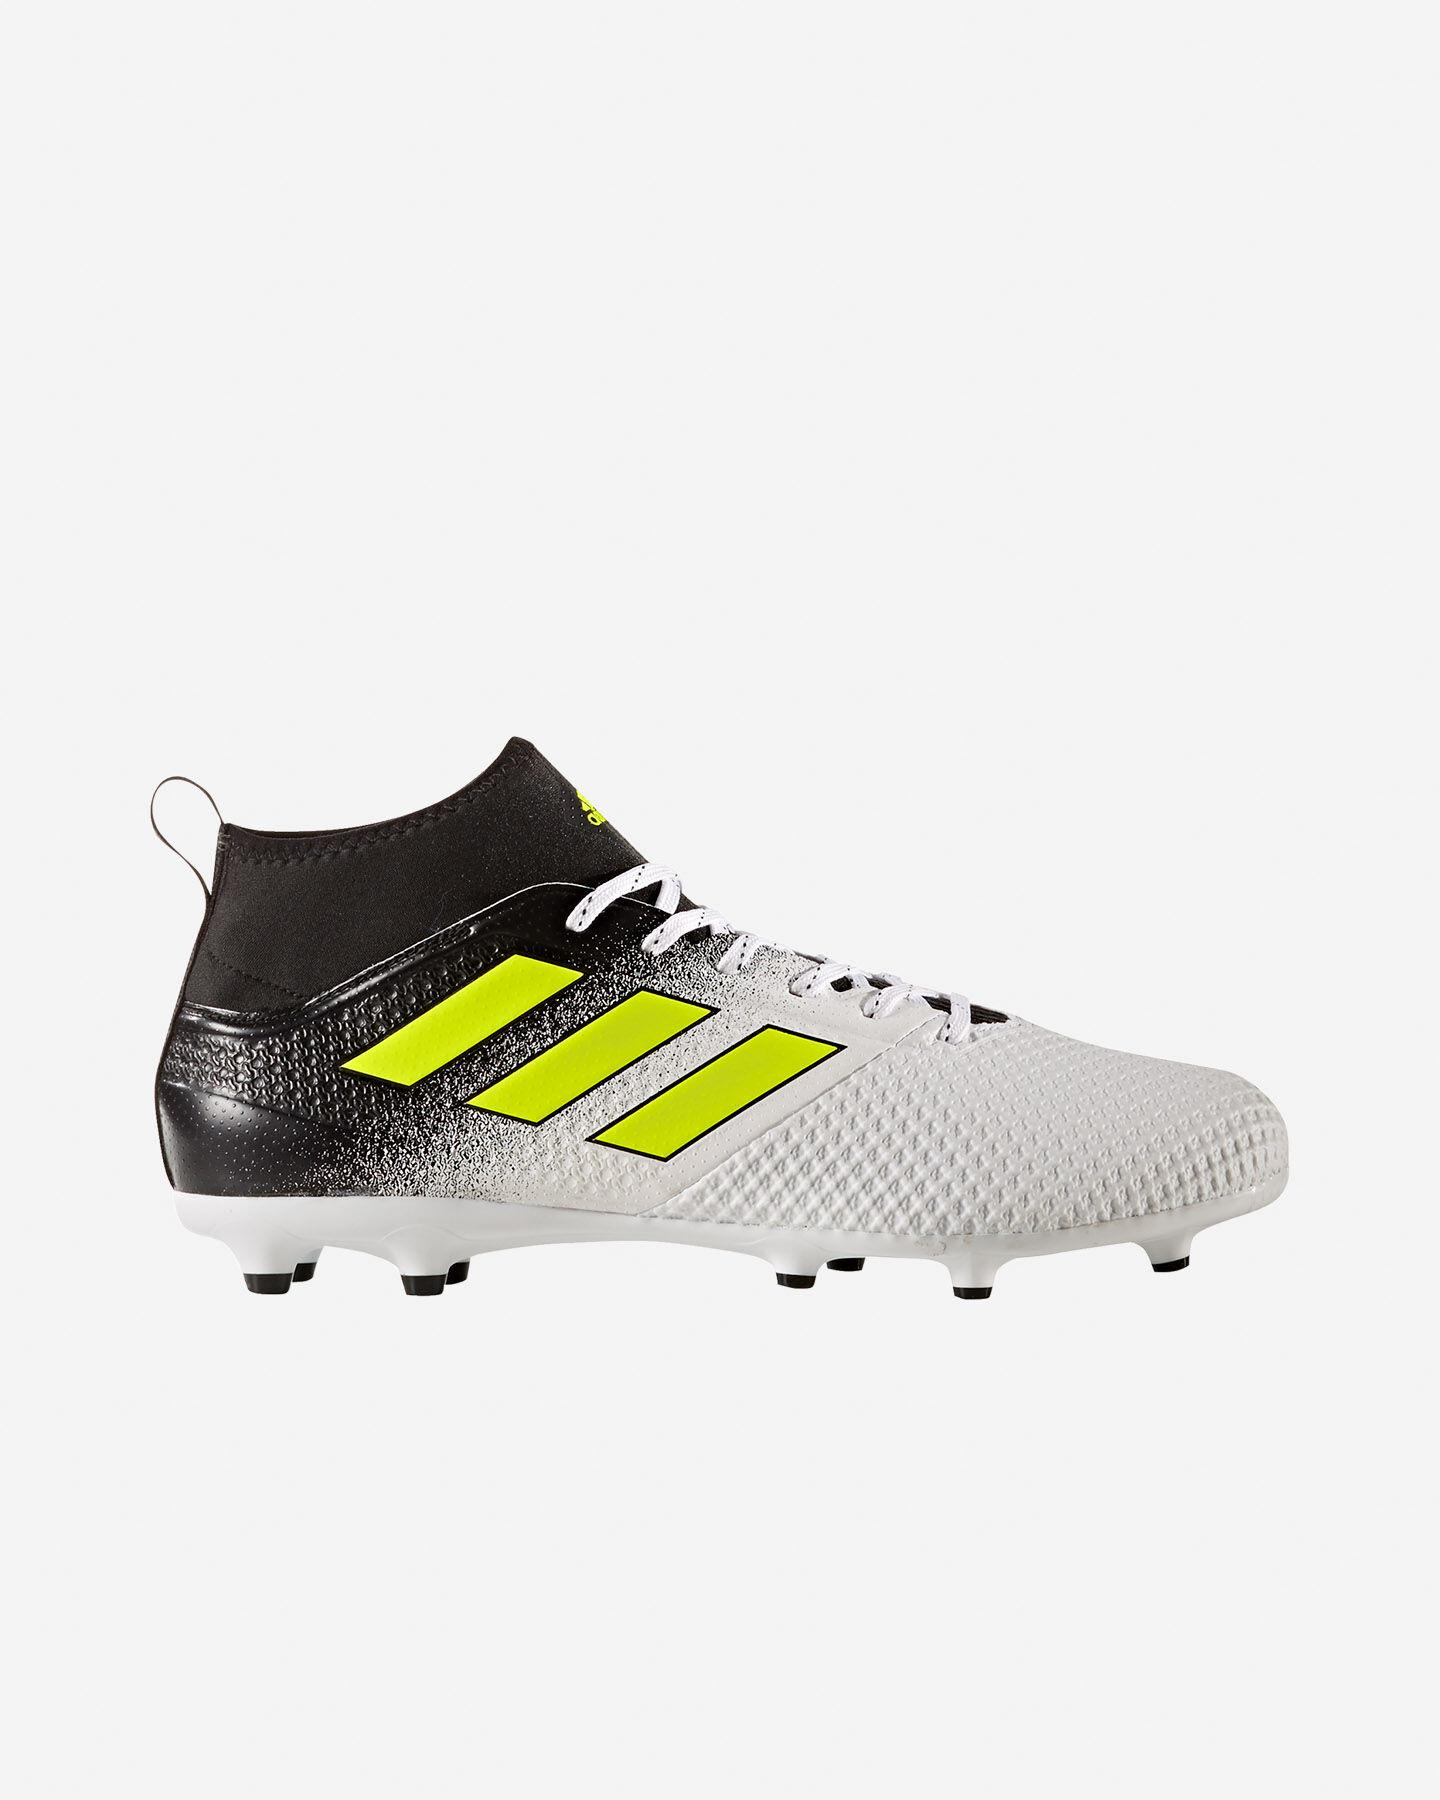 scarpe calcio adidas 17.3 fg